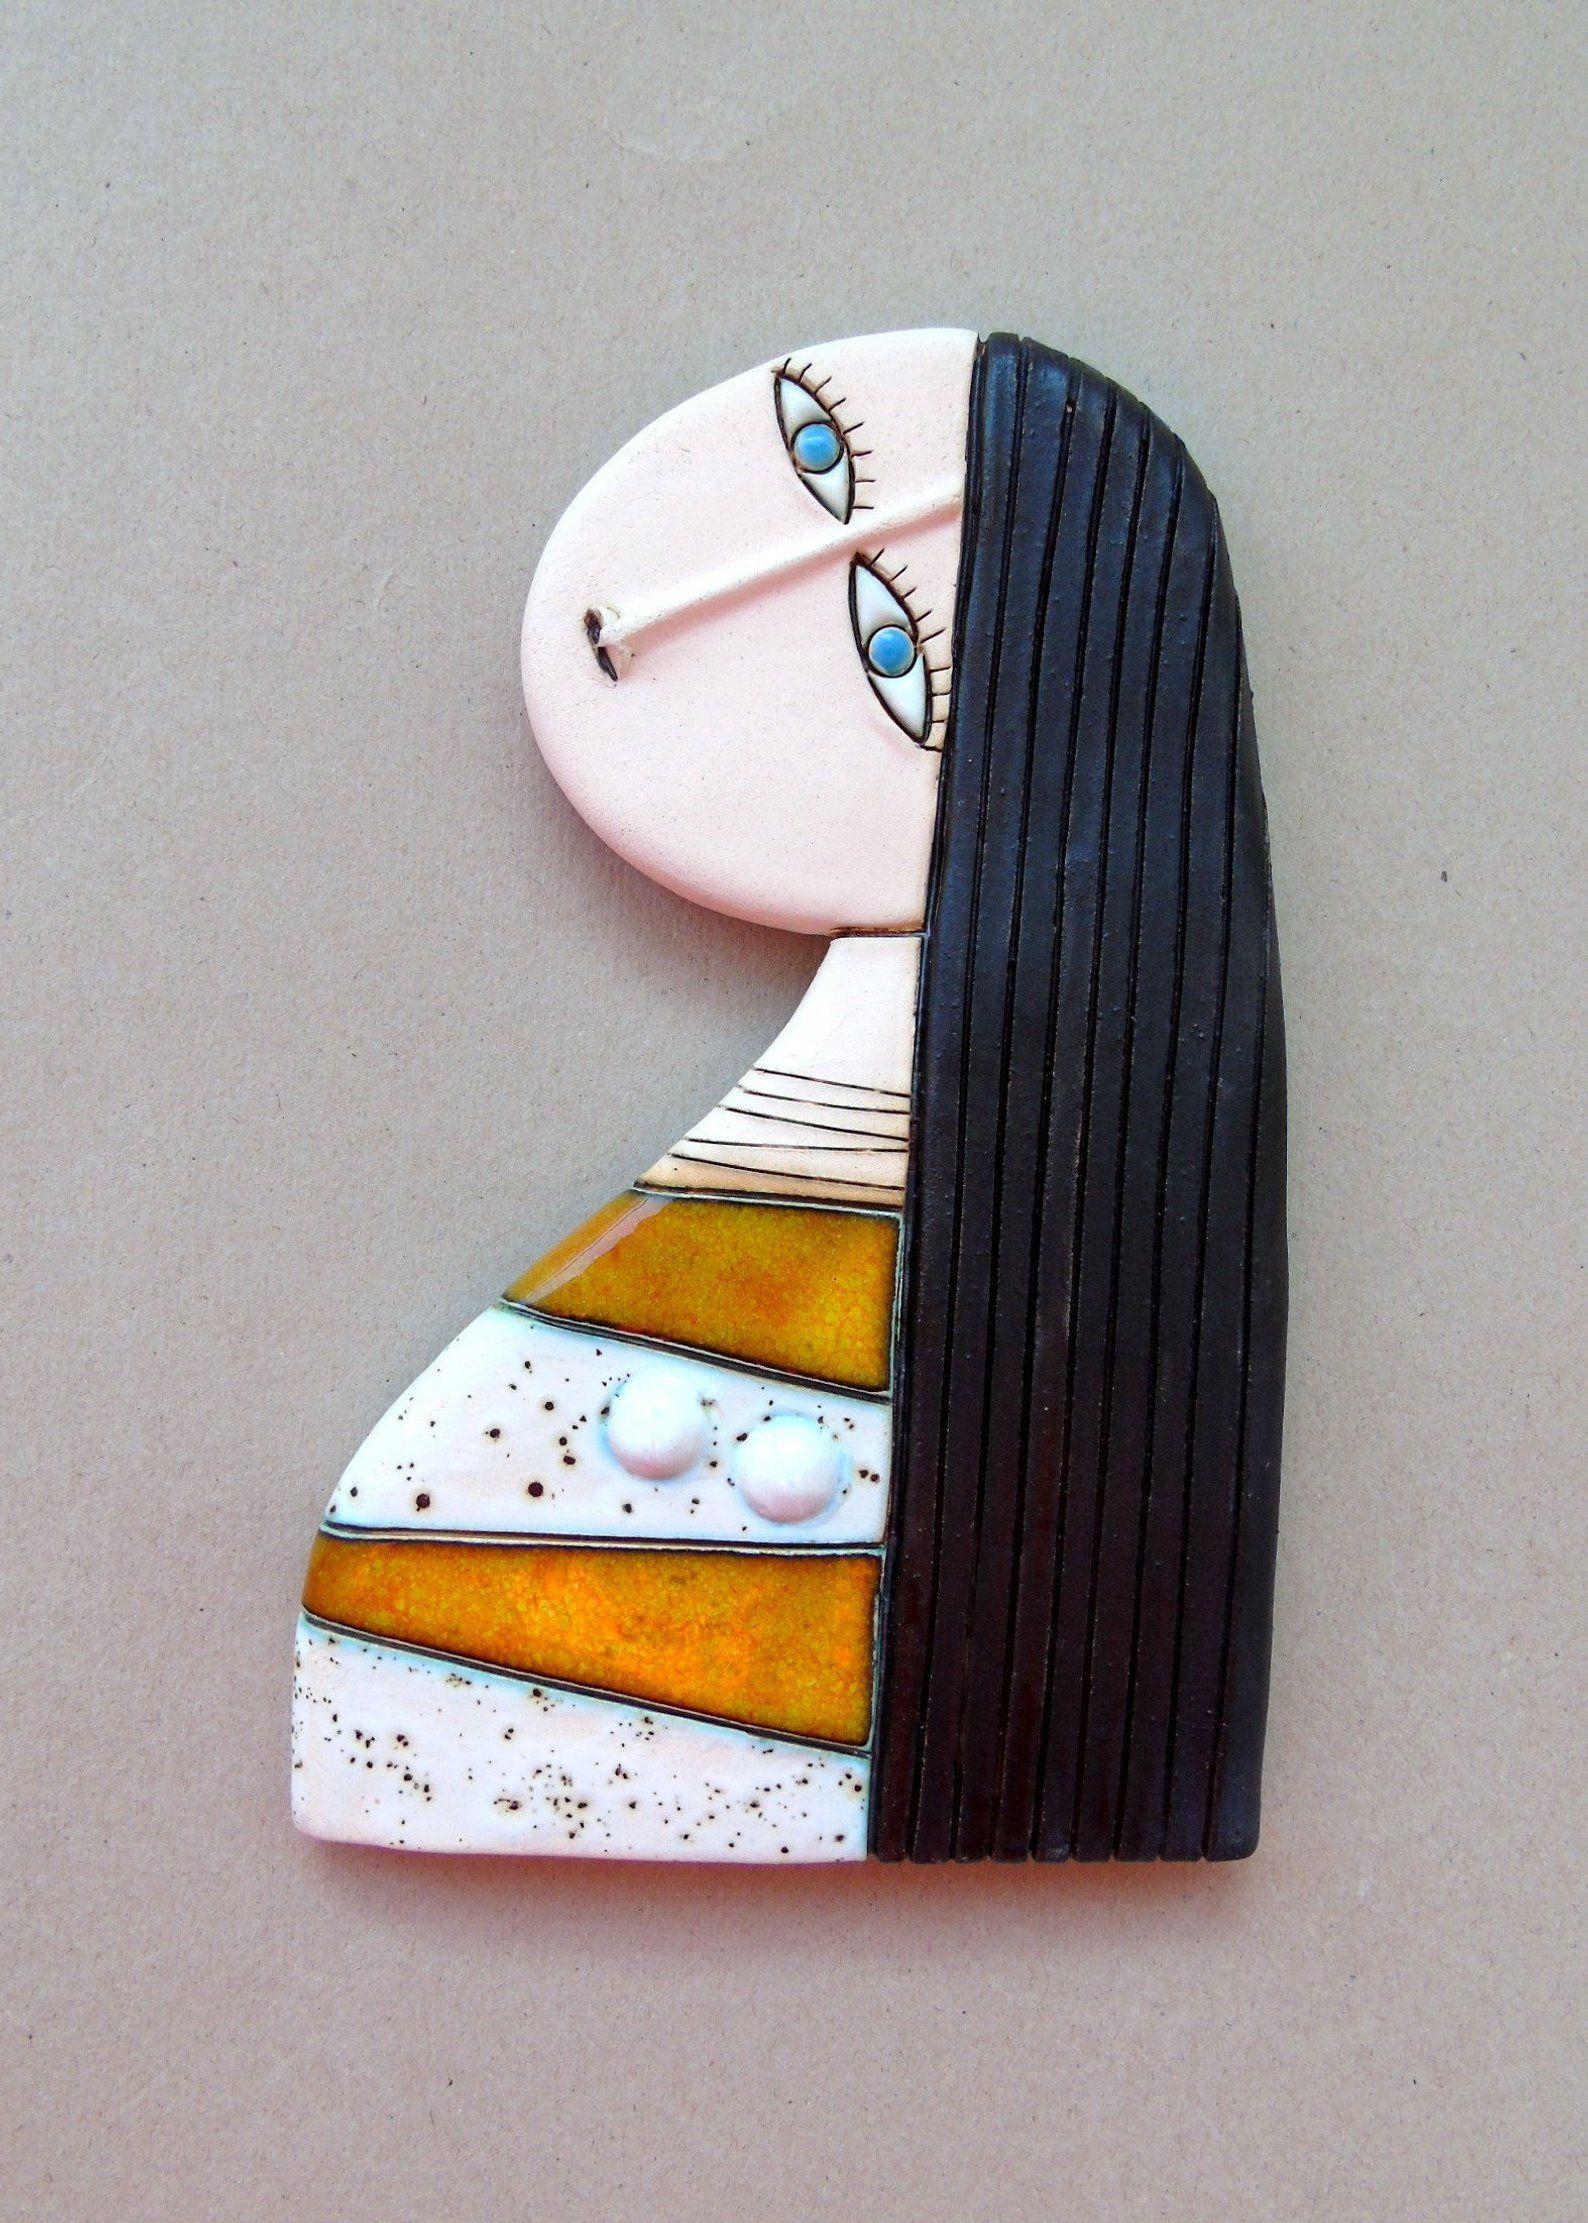 Ceramic art tile home decor wall hangingoriginal handmade